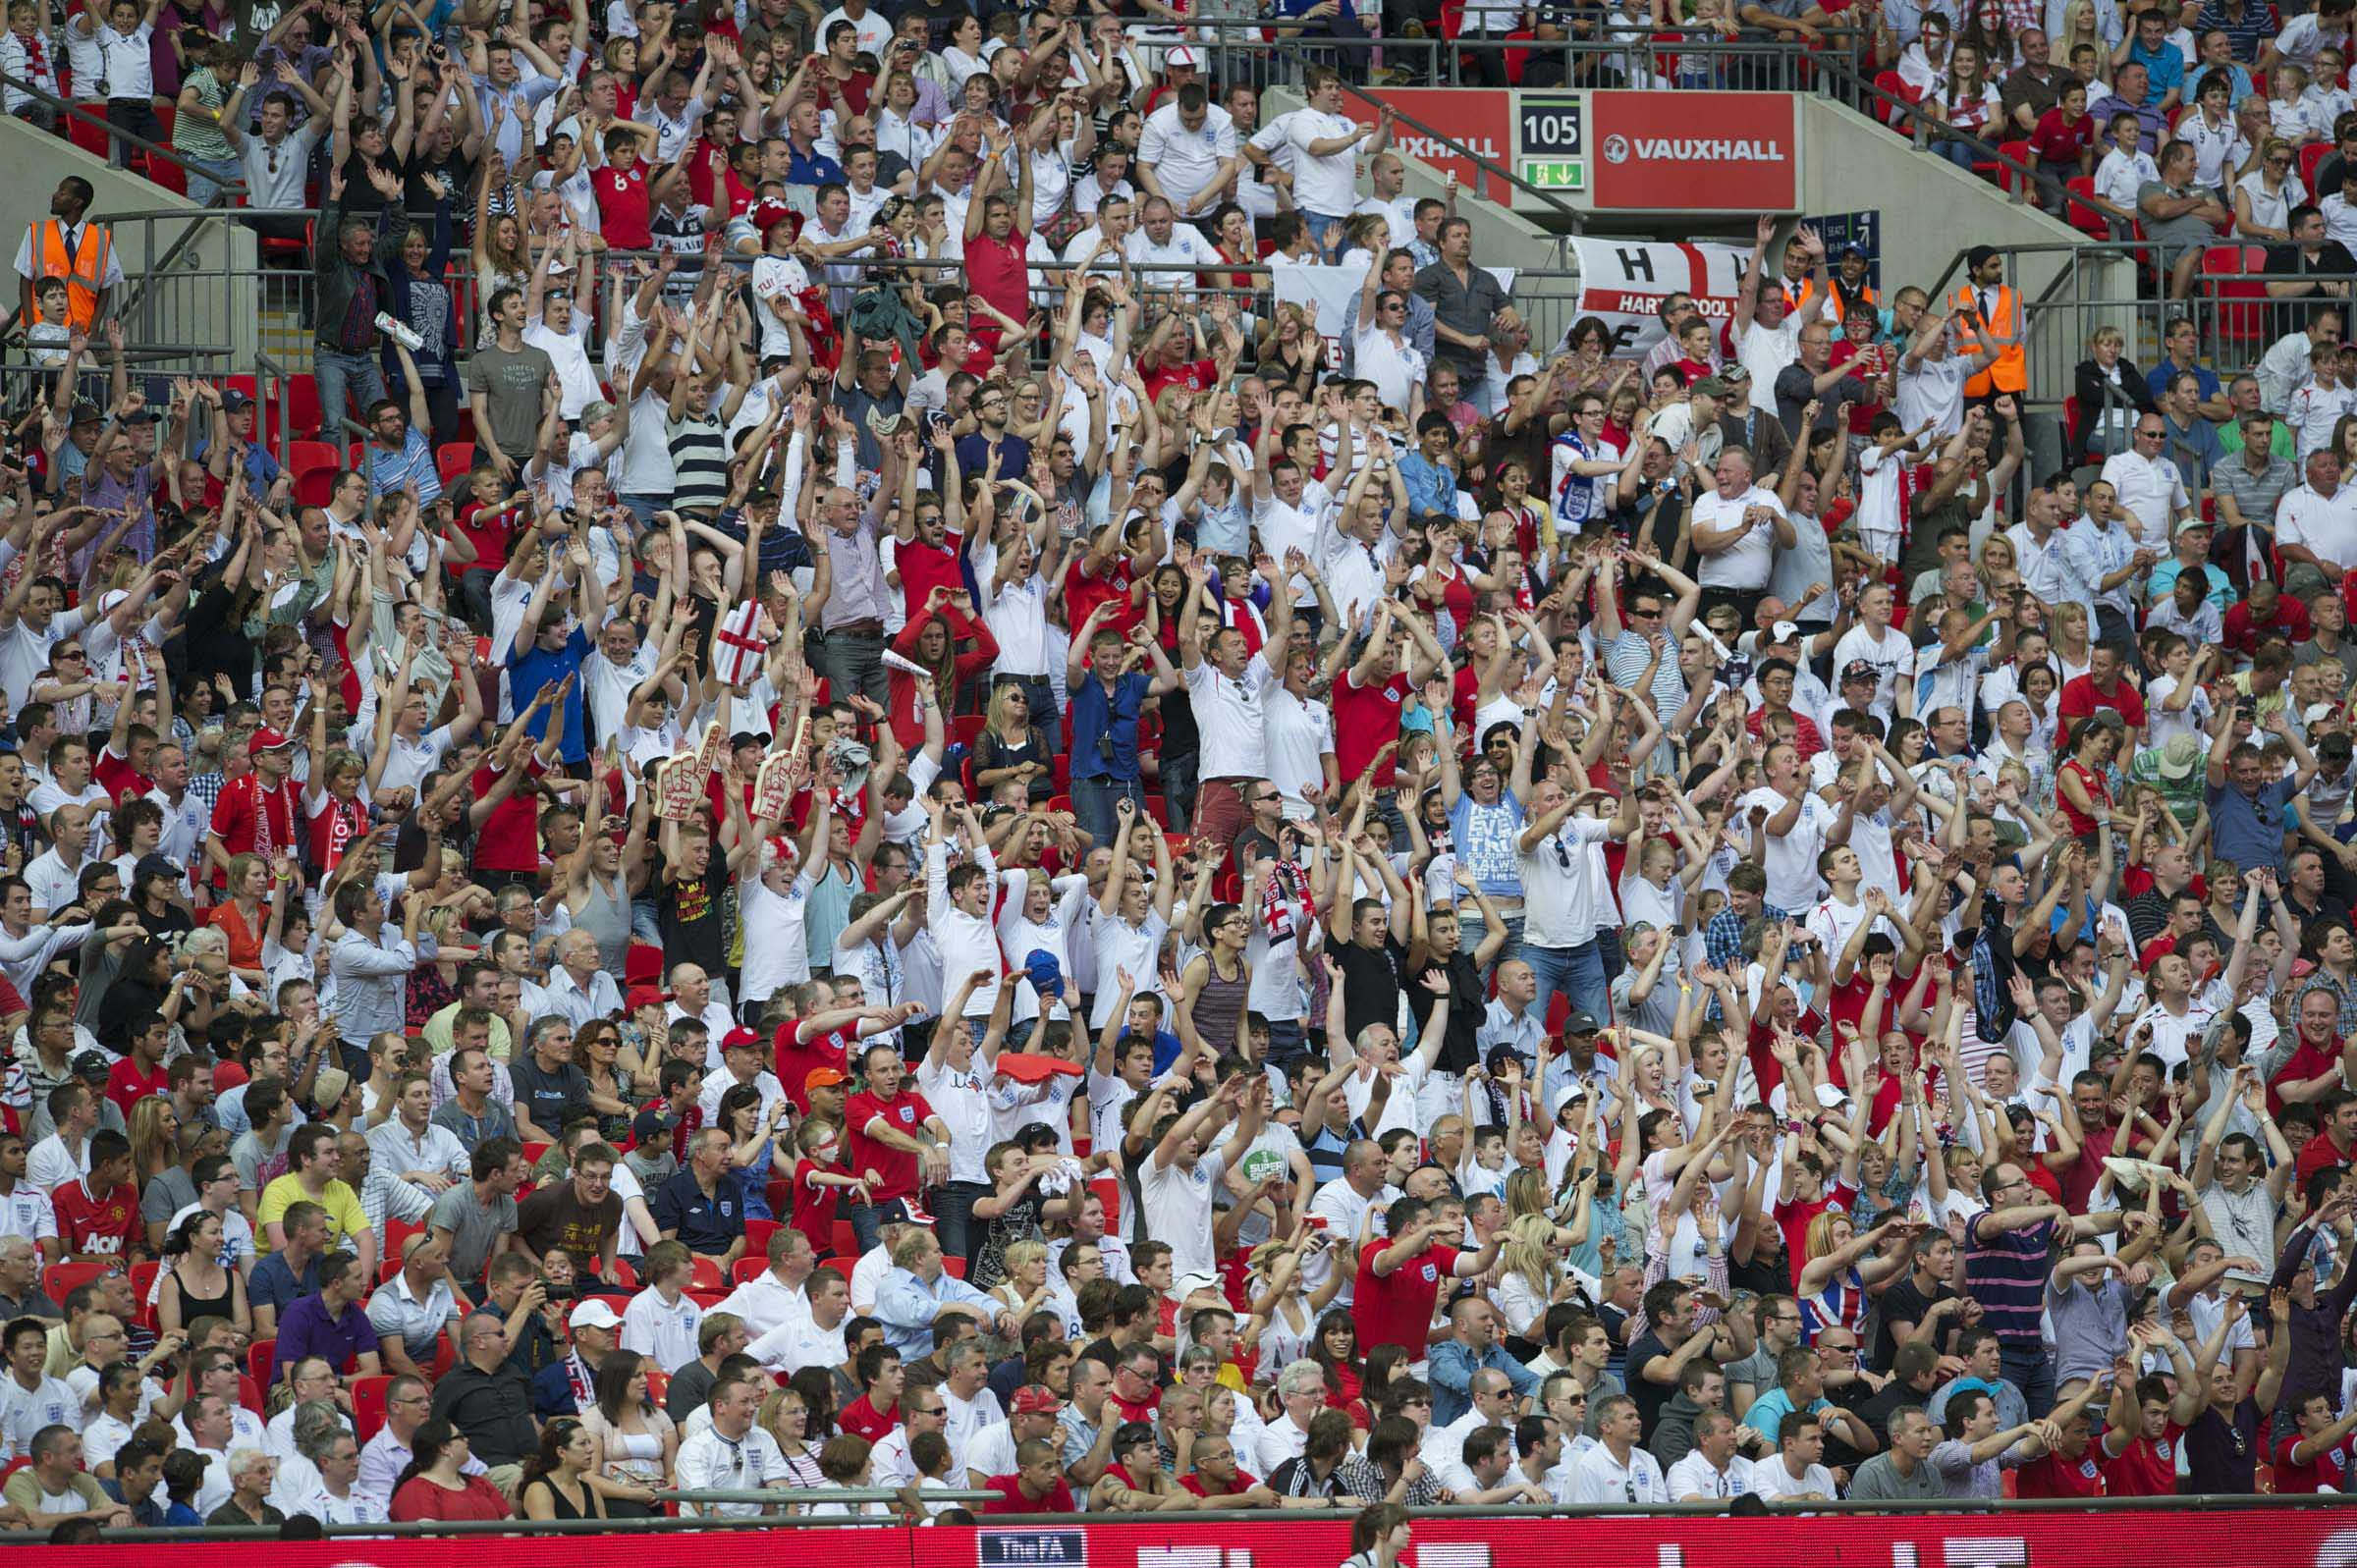 International Football - UEFA Euro 2012 - Qualifying Group G - England v Switzerland